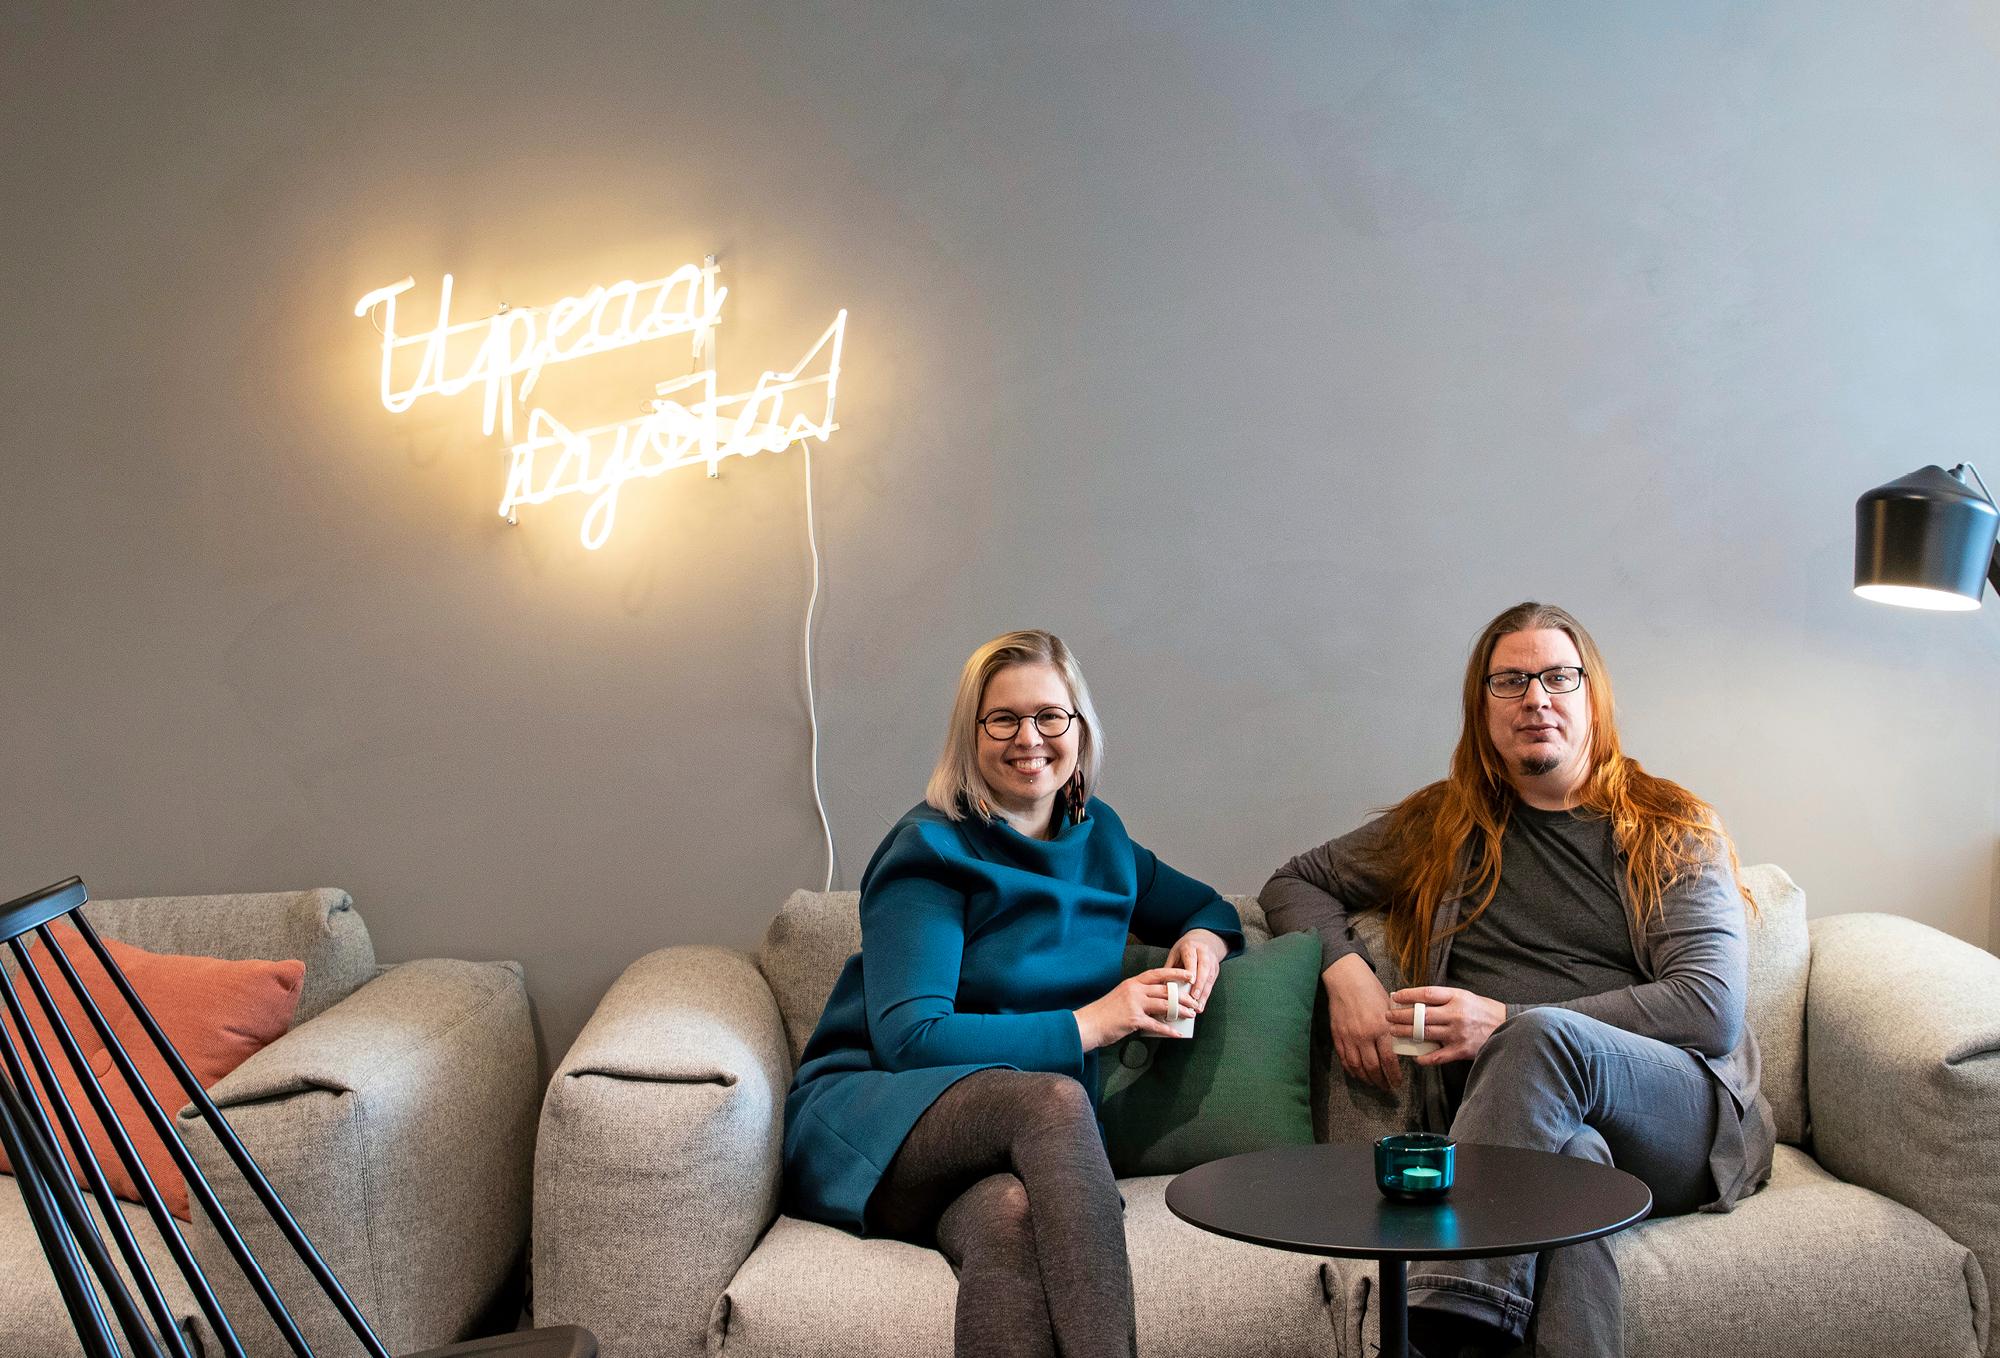 Bitti vinossa <3 -podcastin juontajat Laura Snellman-Junna ja Mikko Särelä.